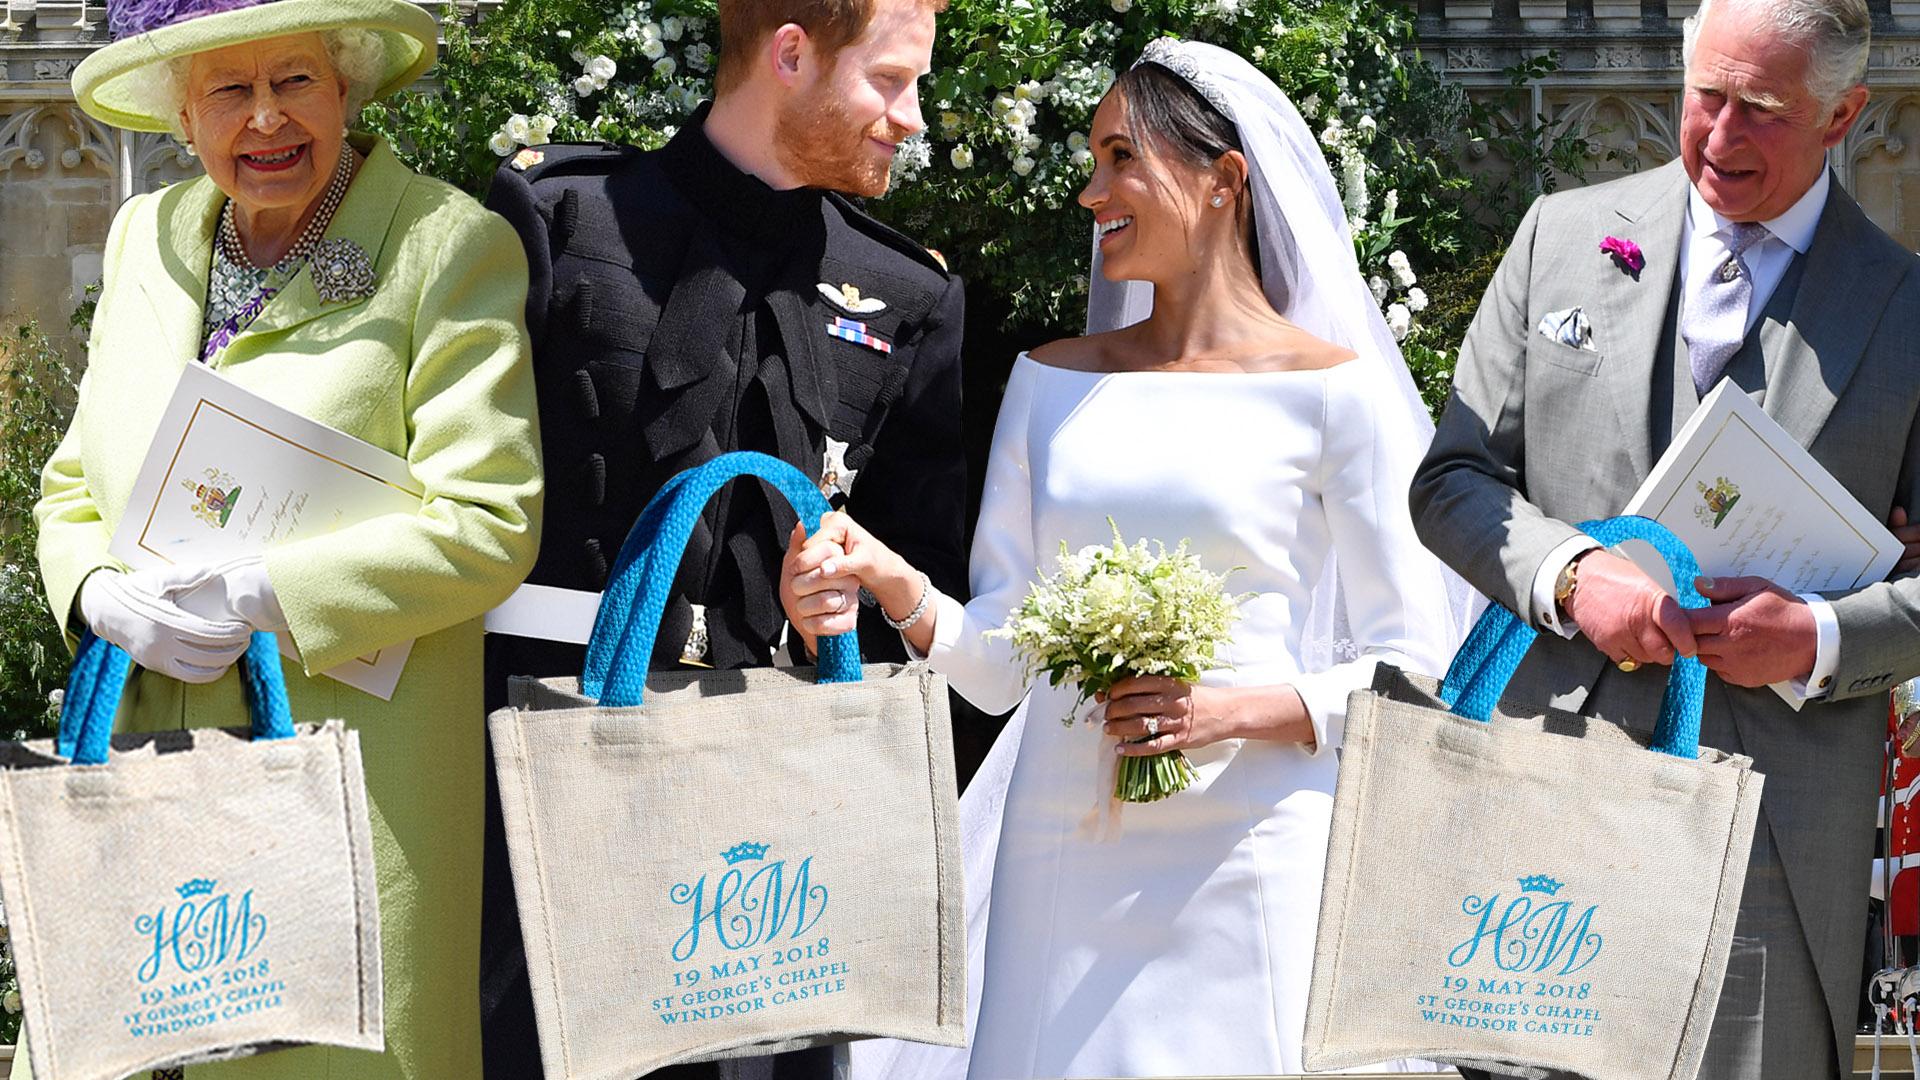 75e7ab09033 Bolso (goody bag) con recordatorios de la boda de Harry y Meghan se vende en  eBay por 28,566 dólares | Estilo de Vida | Univision